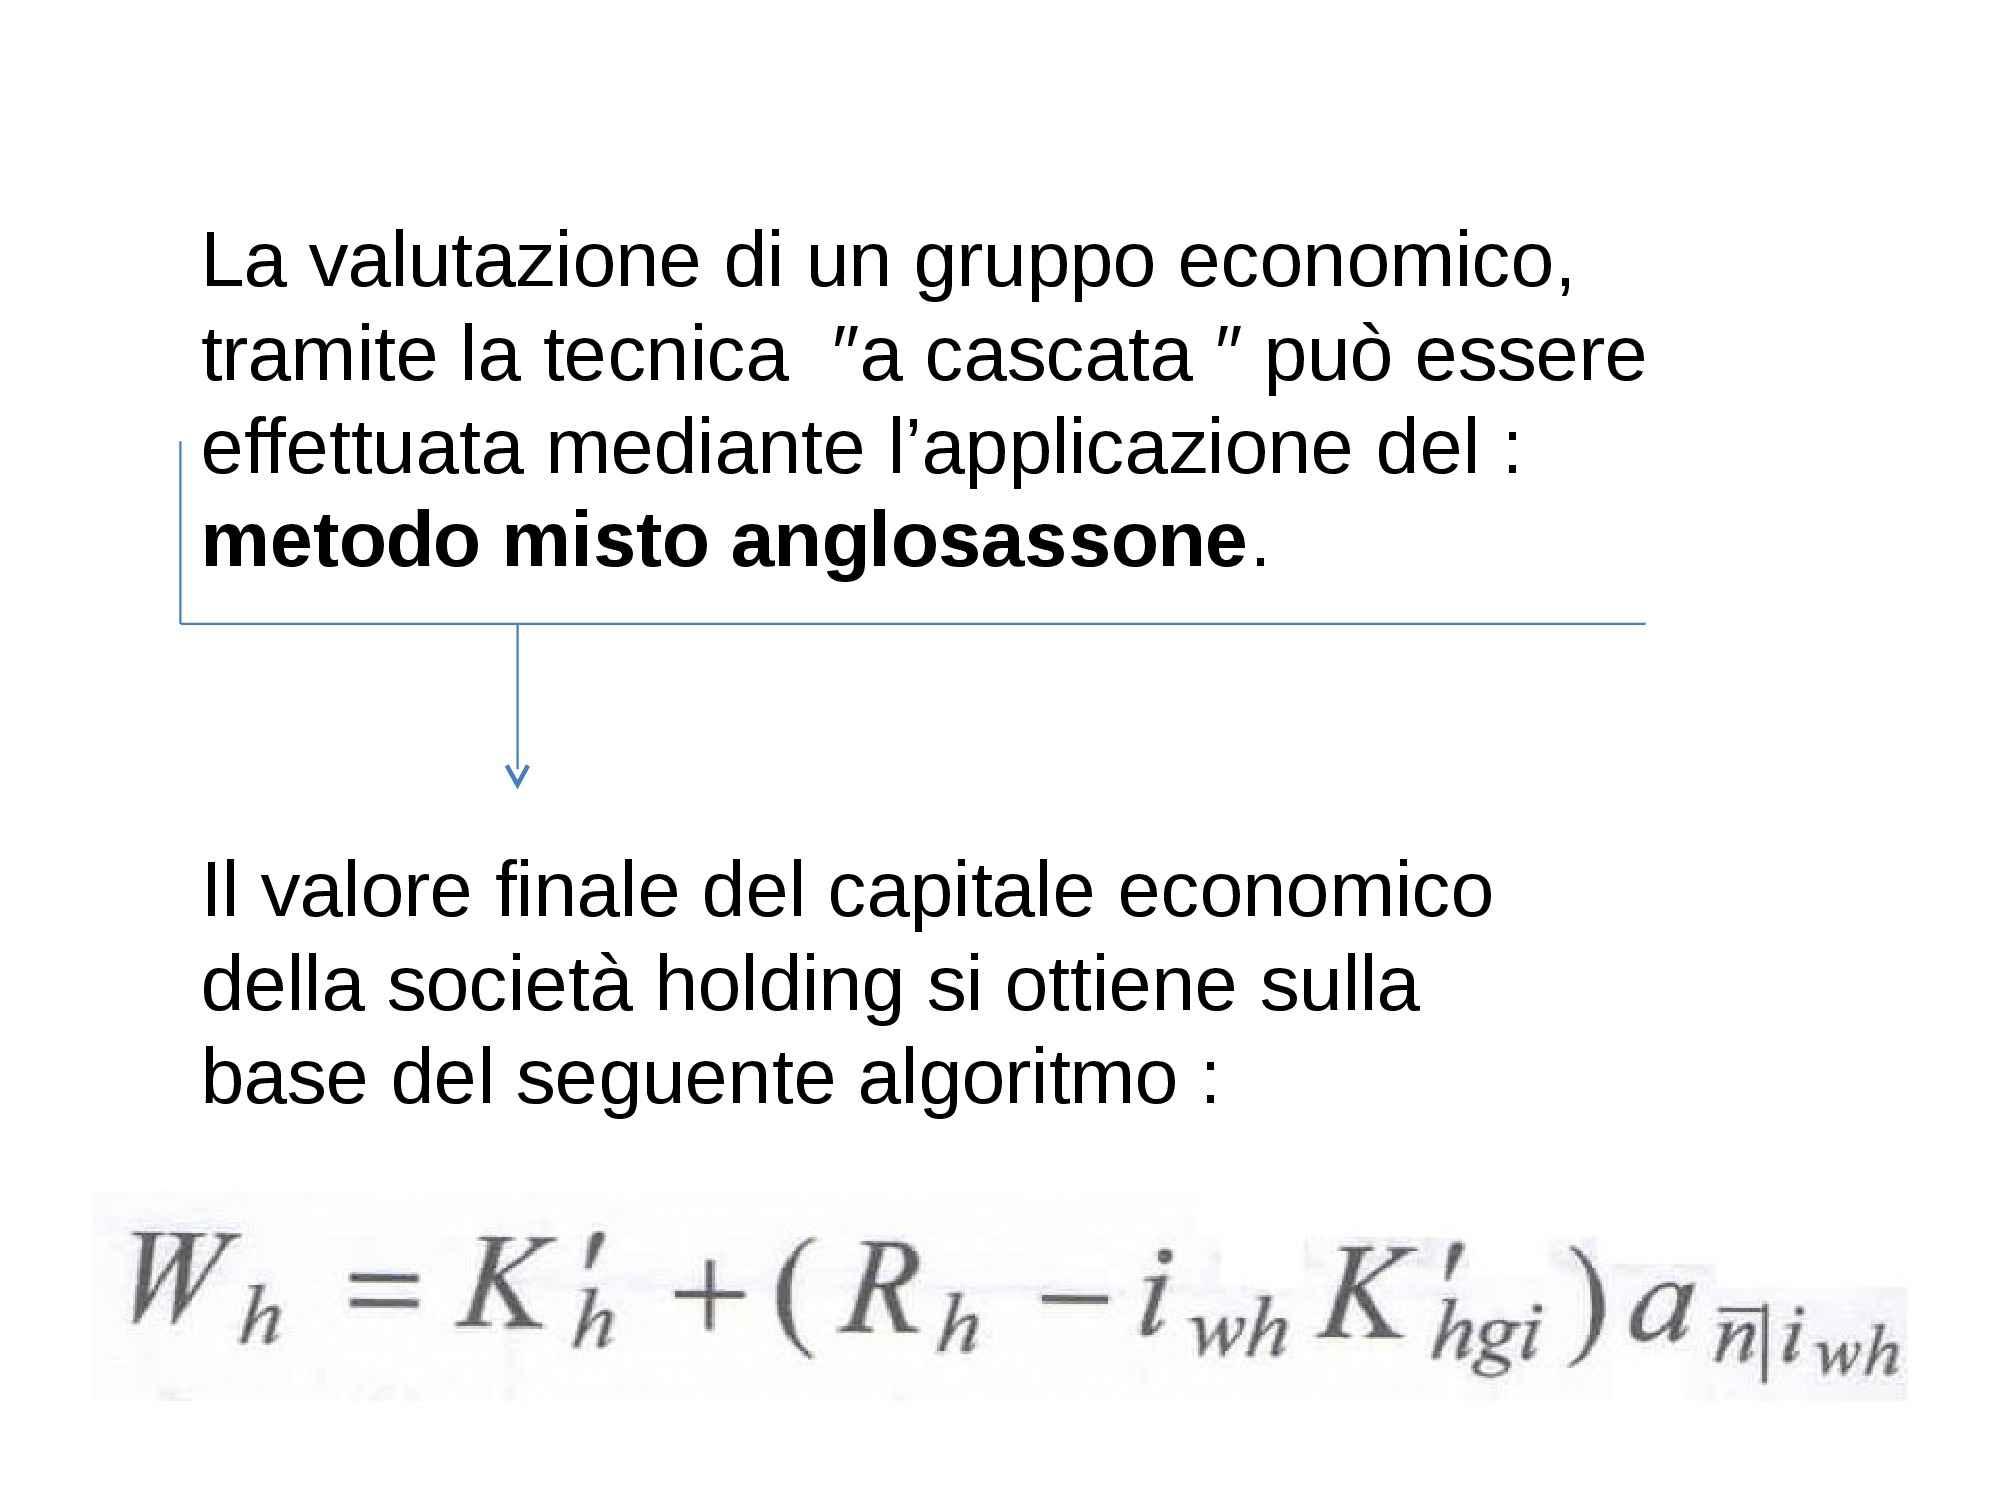 Valutazione del capitale economico - Parte III